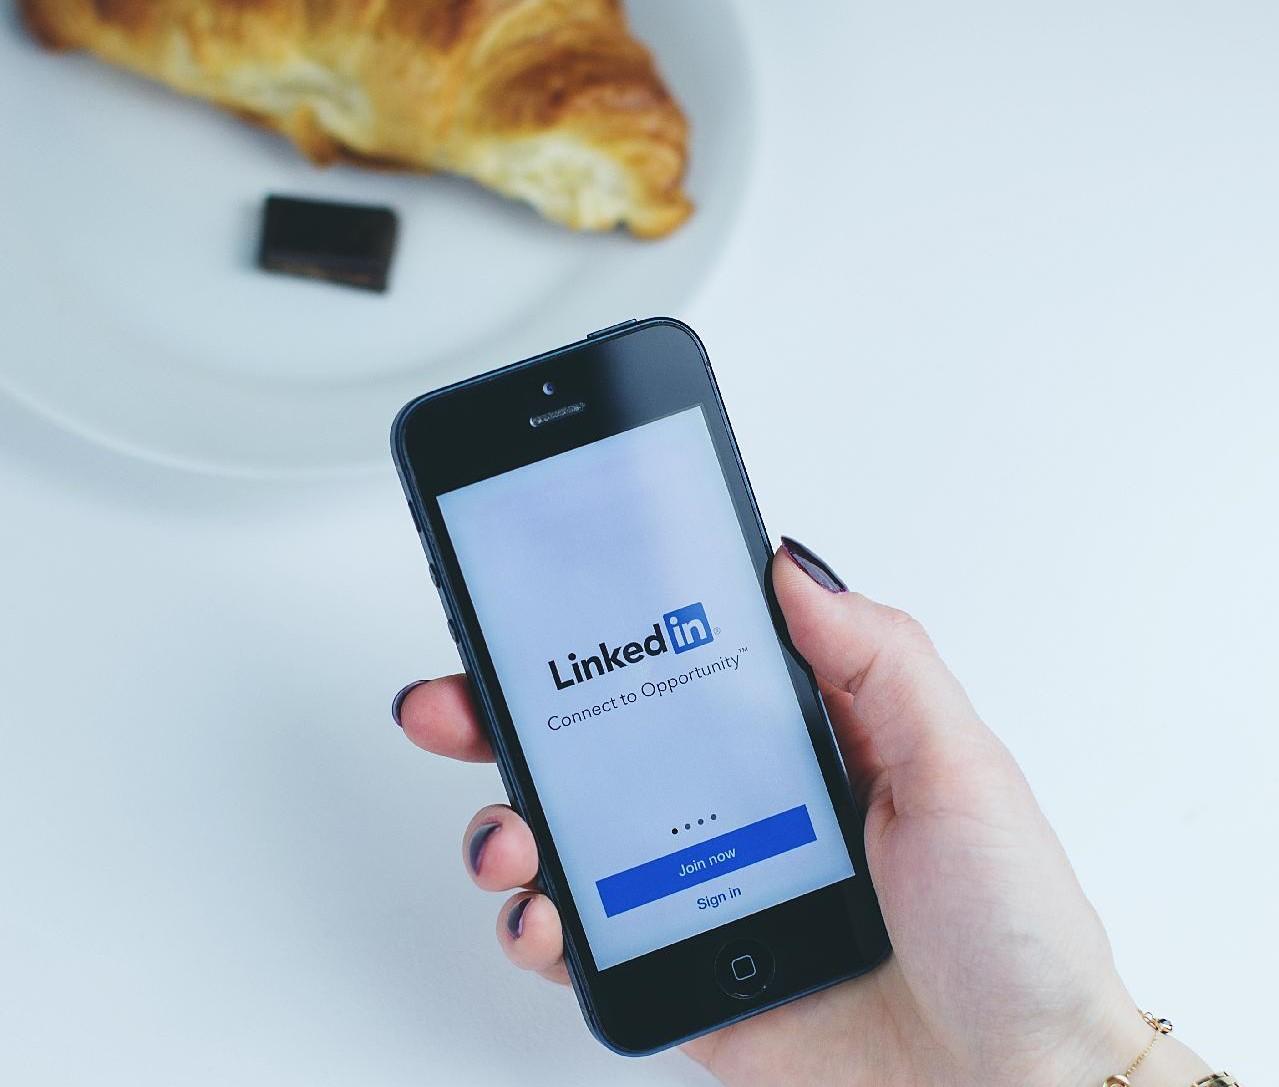 mano de mujer sujetando móvil dónde aparece inicio de linkedin. De fondo un croissant para desayunar.